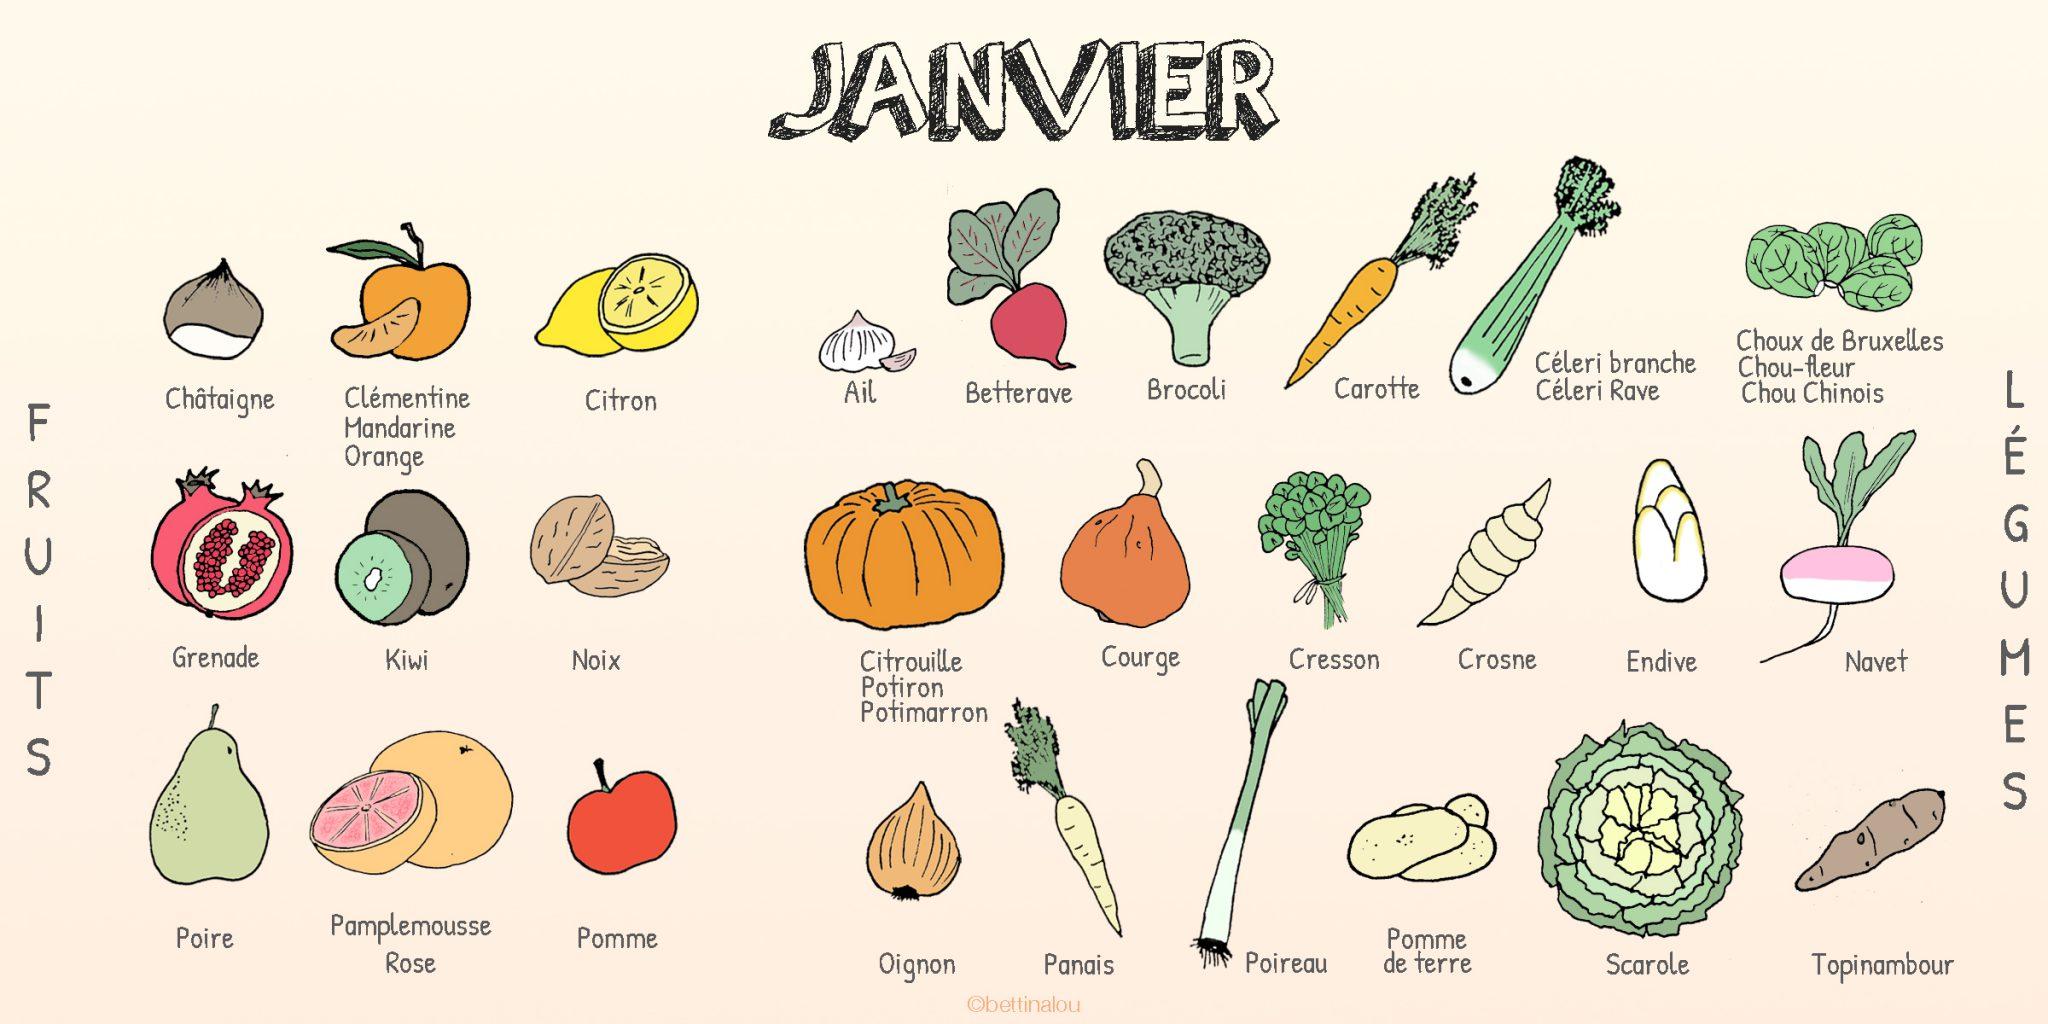 Que Faire Au Jardin En Janvier les fruits et légumes de janvier - fiches pratiques du jardin